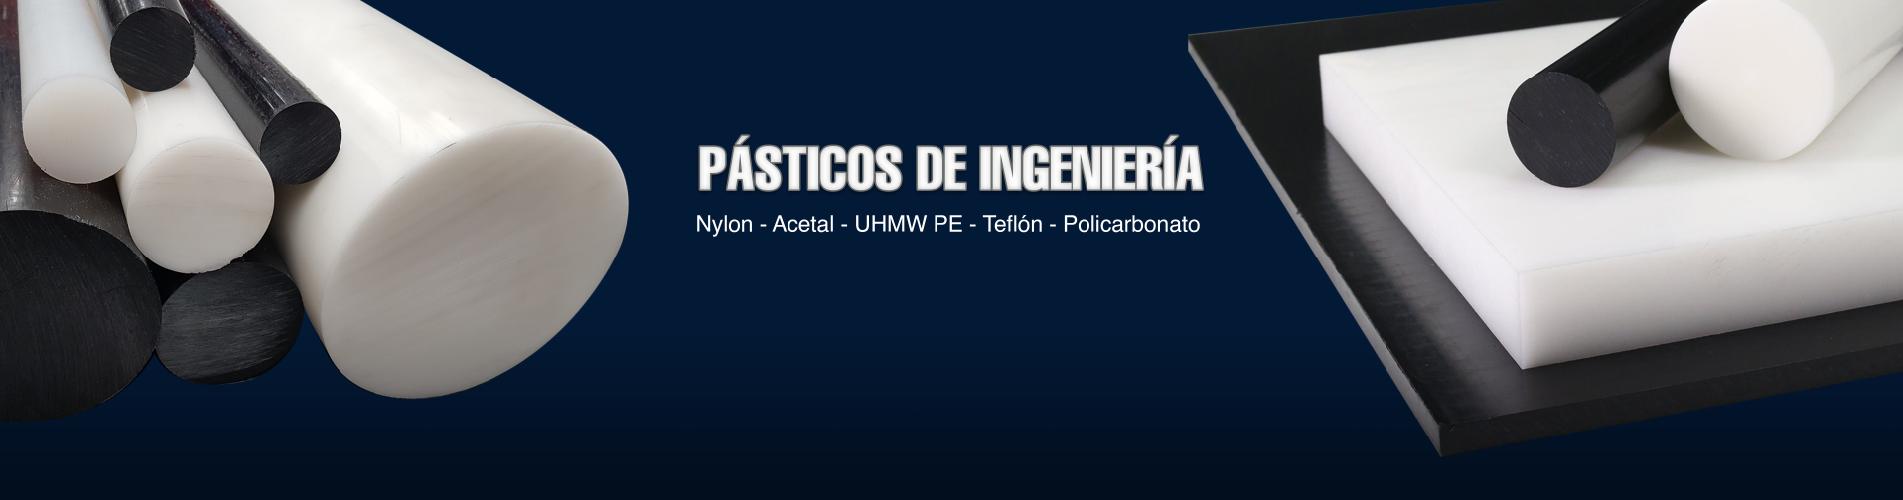 Banner Distribuidor de Plasticos de ingenieria IIRSACERO 2